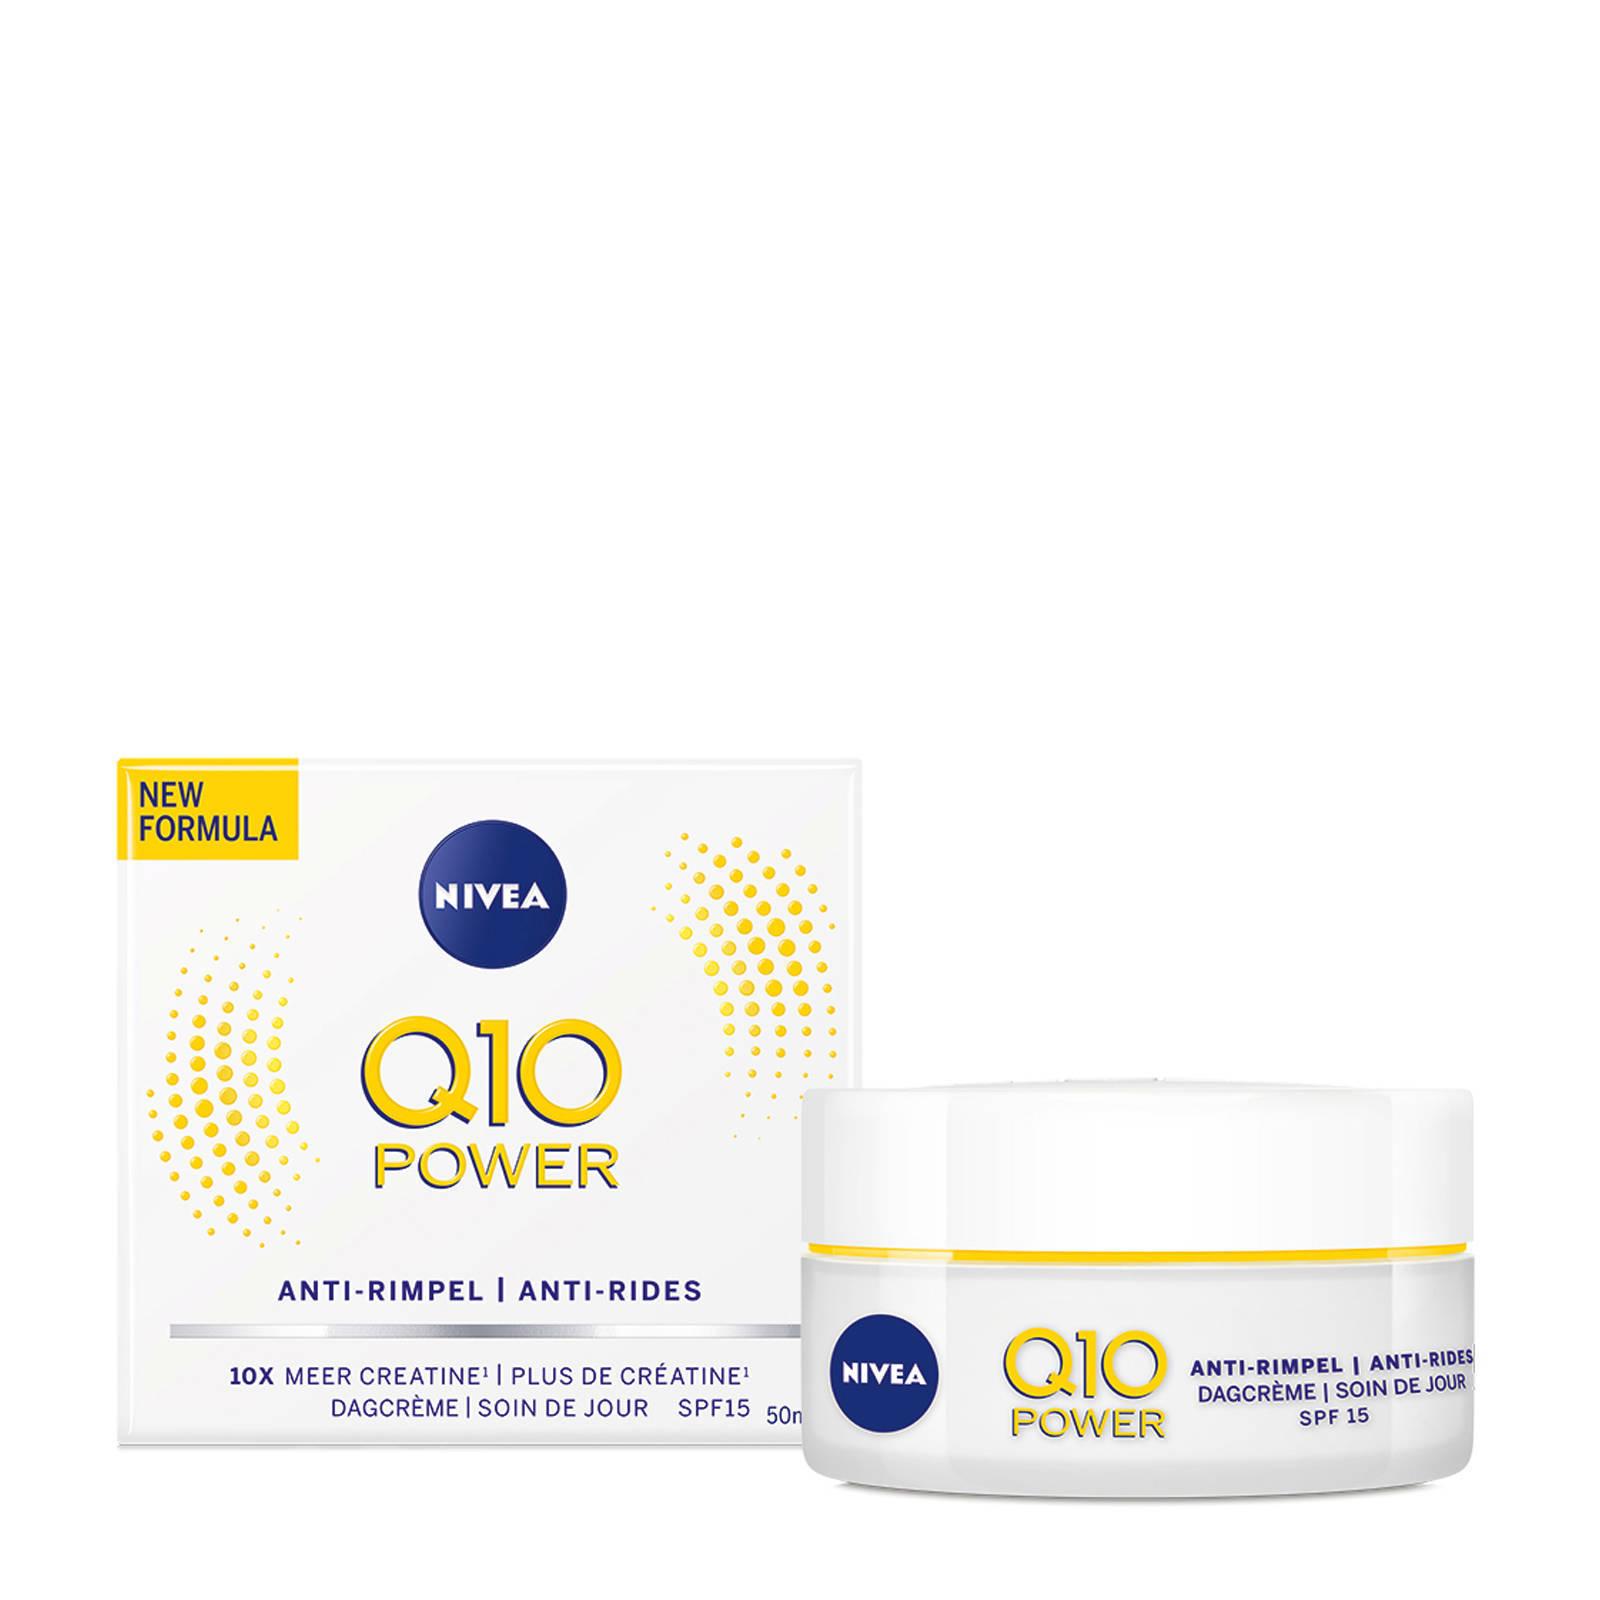 NIVEA Q10 Power anti-rimpel dagcrème - 50ml